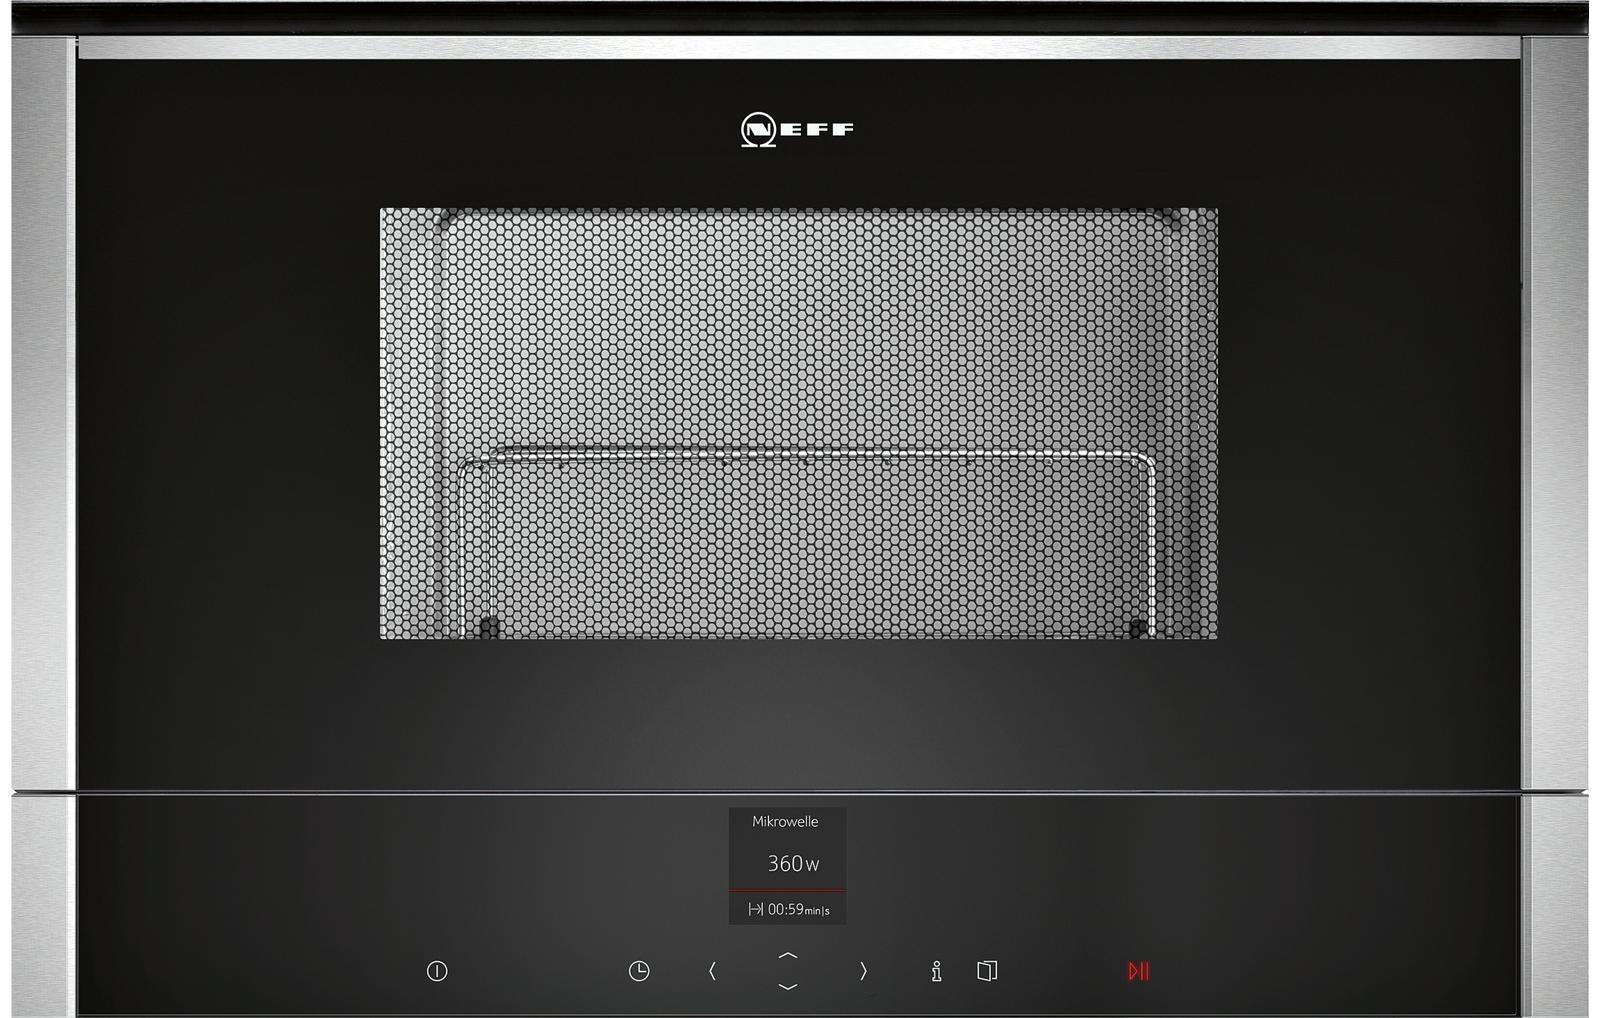 einbau mikrowelle siemens cool einbau mikrowelle gros. Black Bedroom Furniture Sets. Home Design Ideas